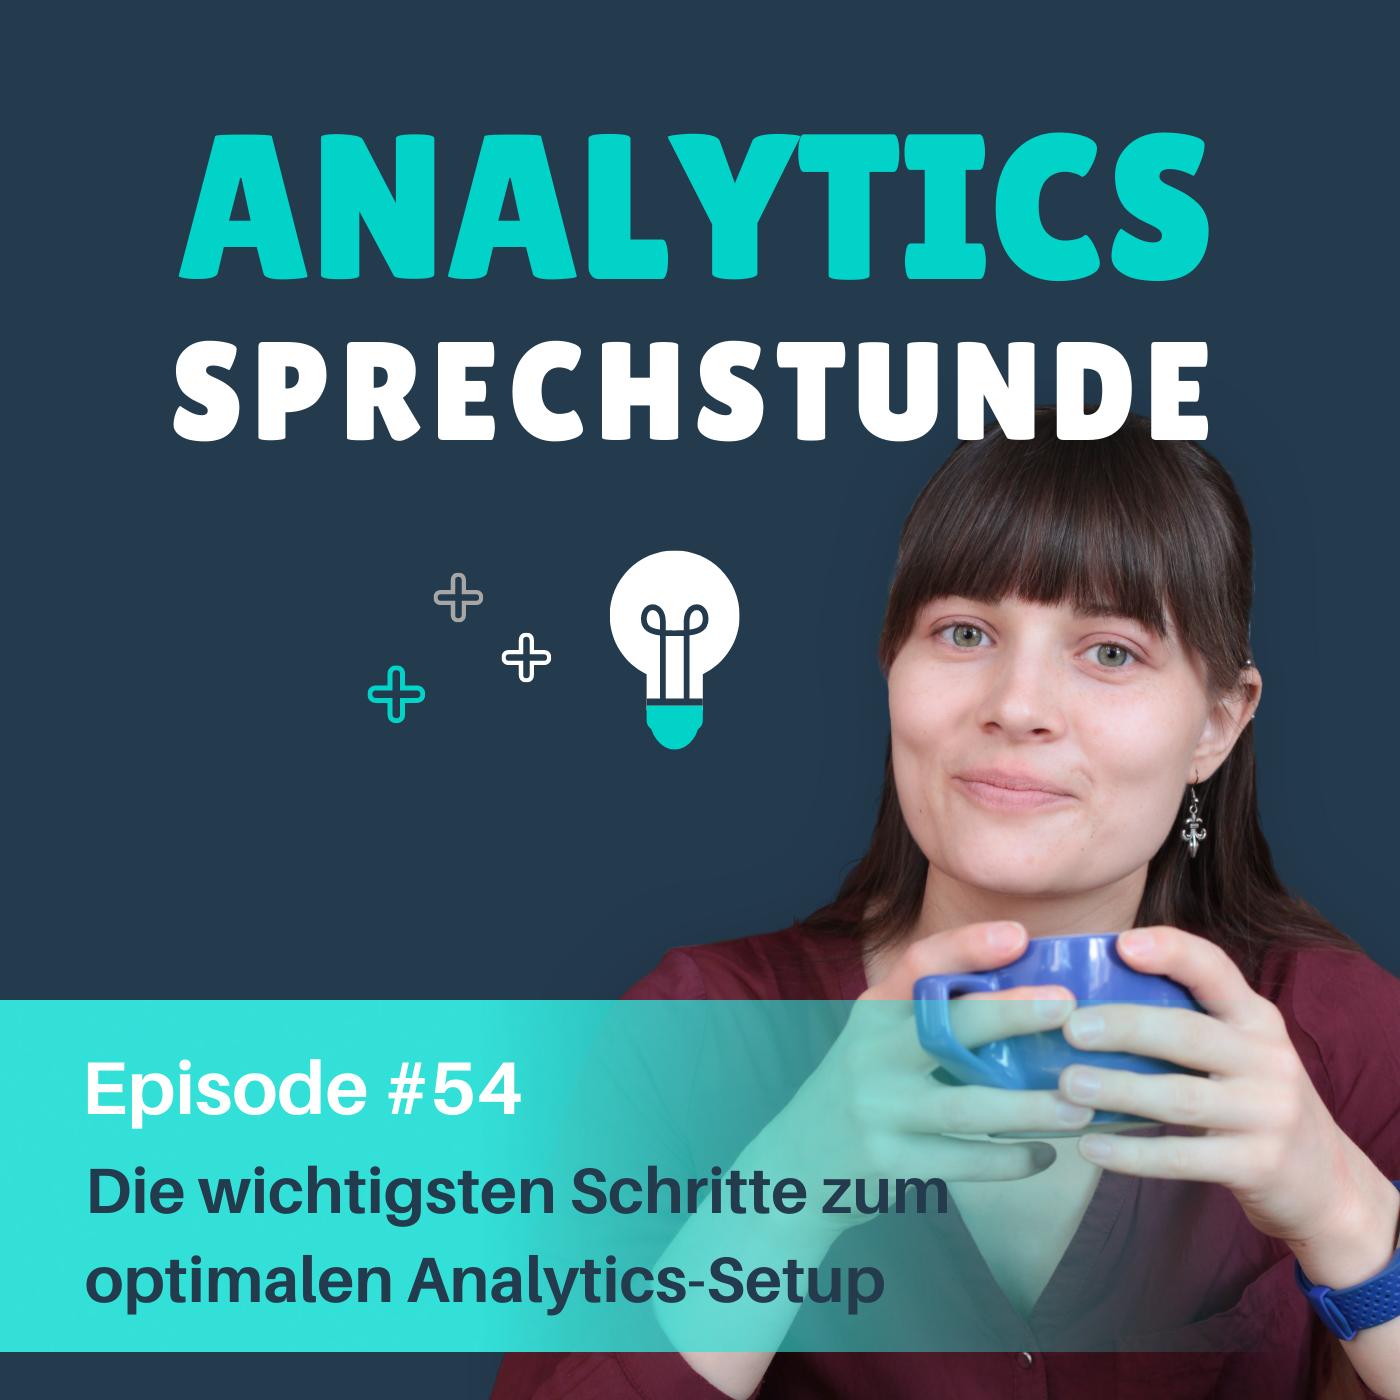 54 Die wichtigsten Schritte zum optimalen Analytics-Setup